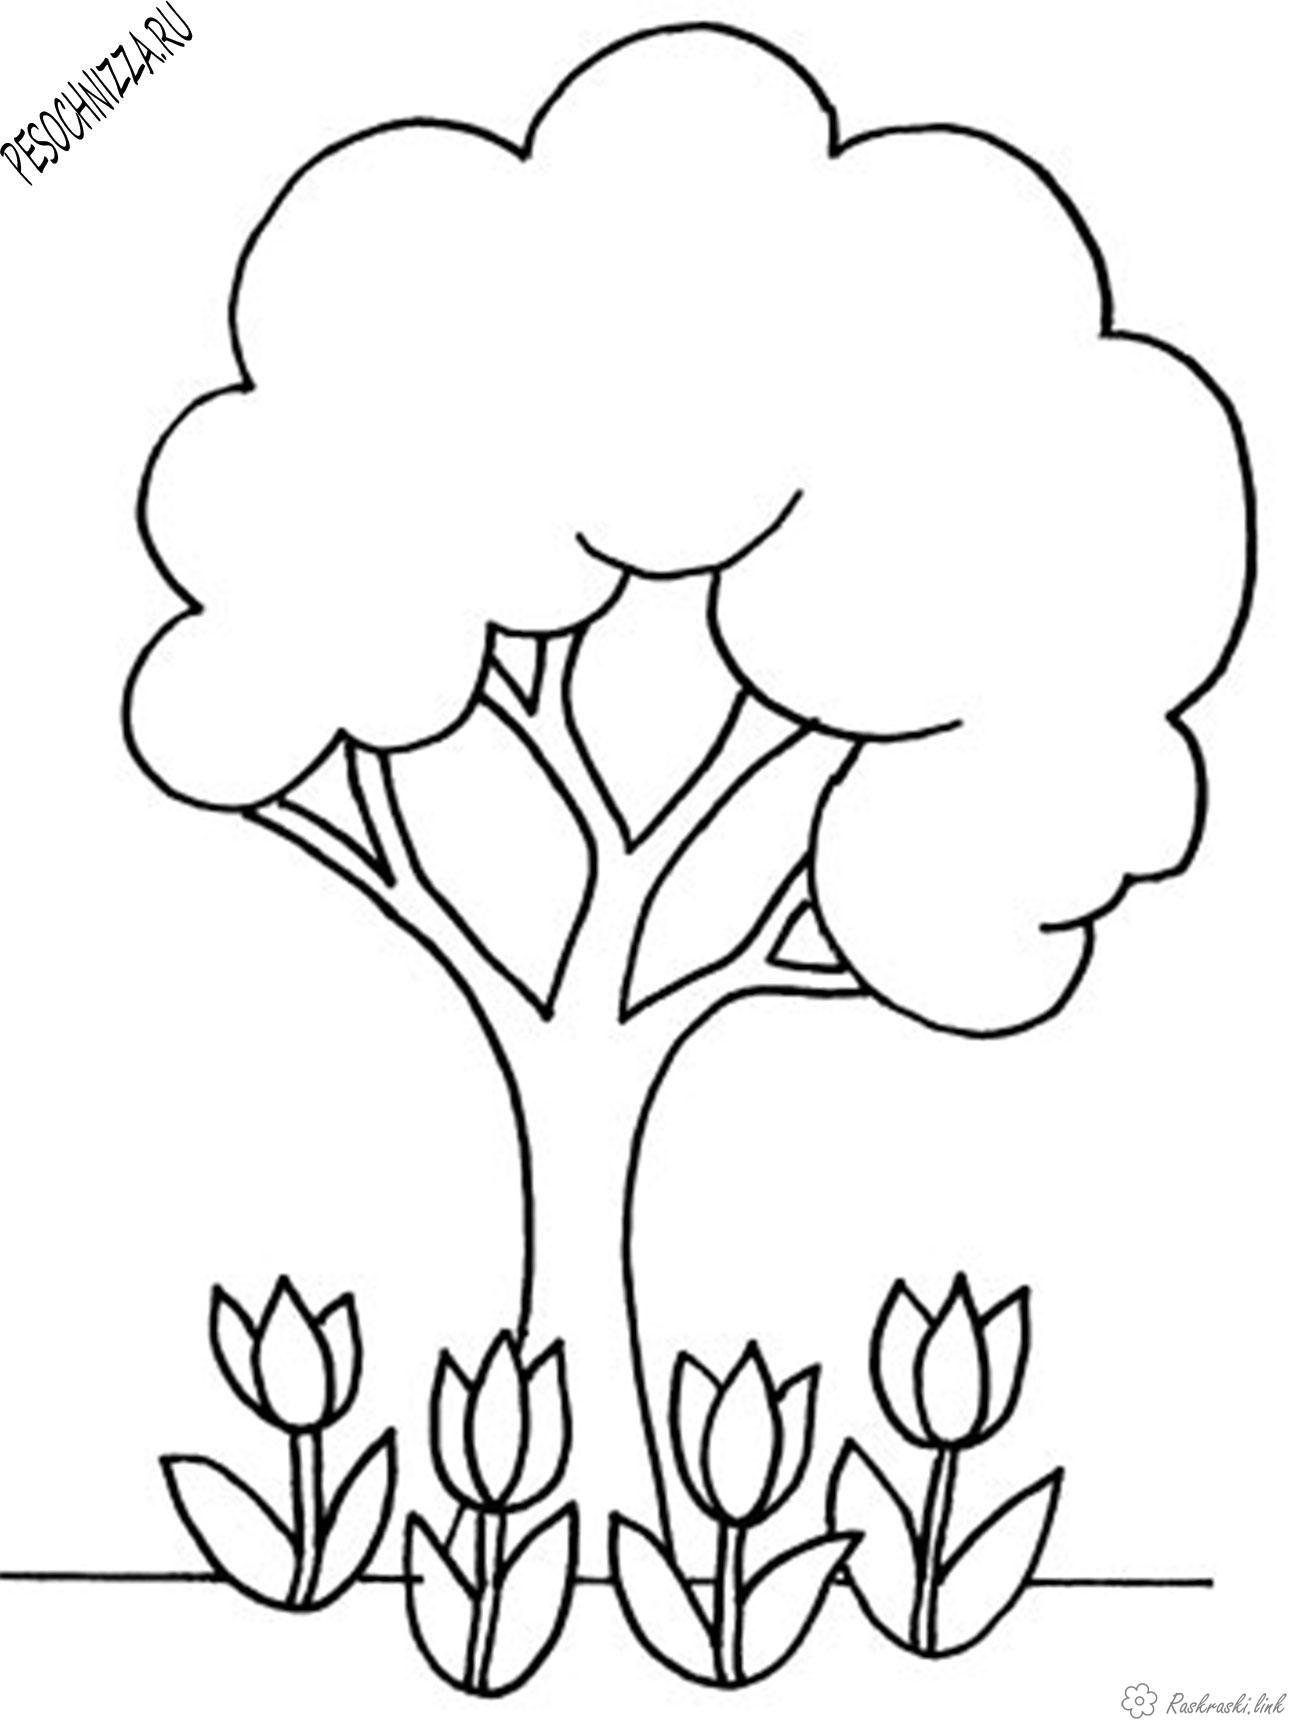 Детская раскраска деревья, цветы (с изображениями ...